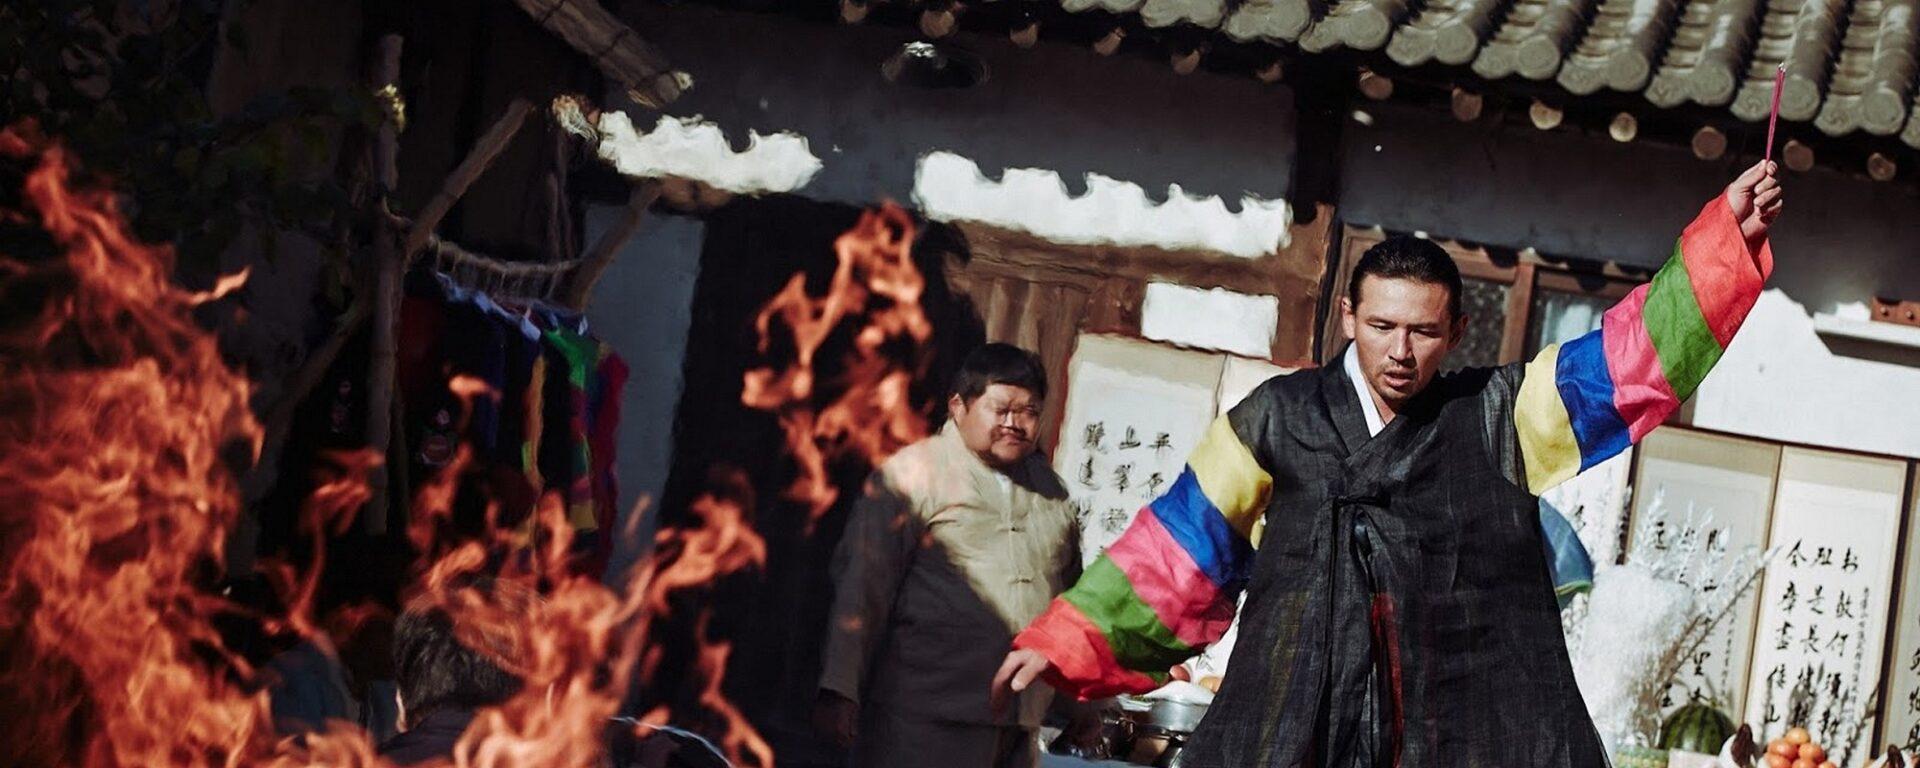 'The Wailing' – Đỉnh cao mới của dòng phim kinh dị Hàn Quốc